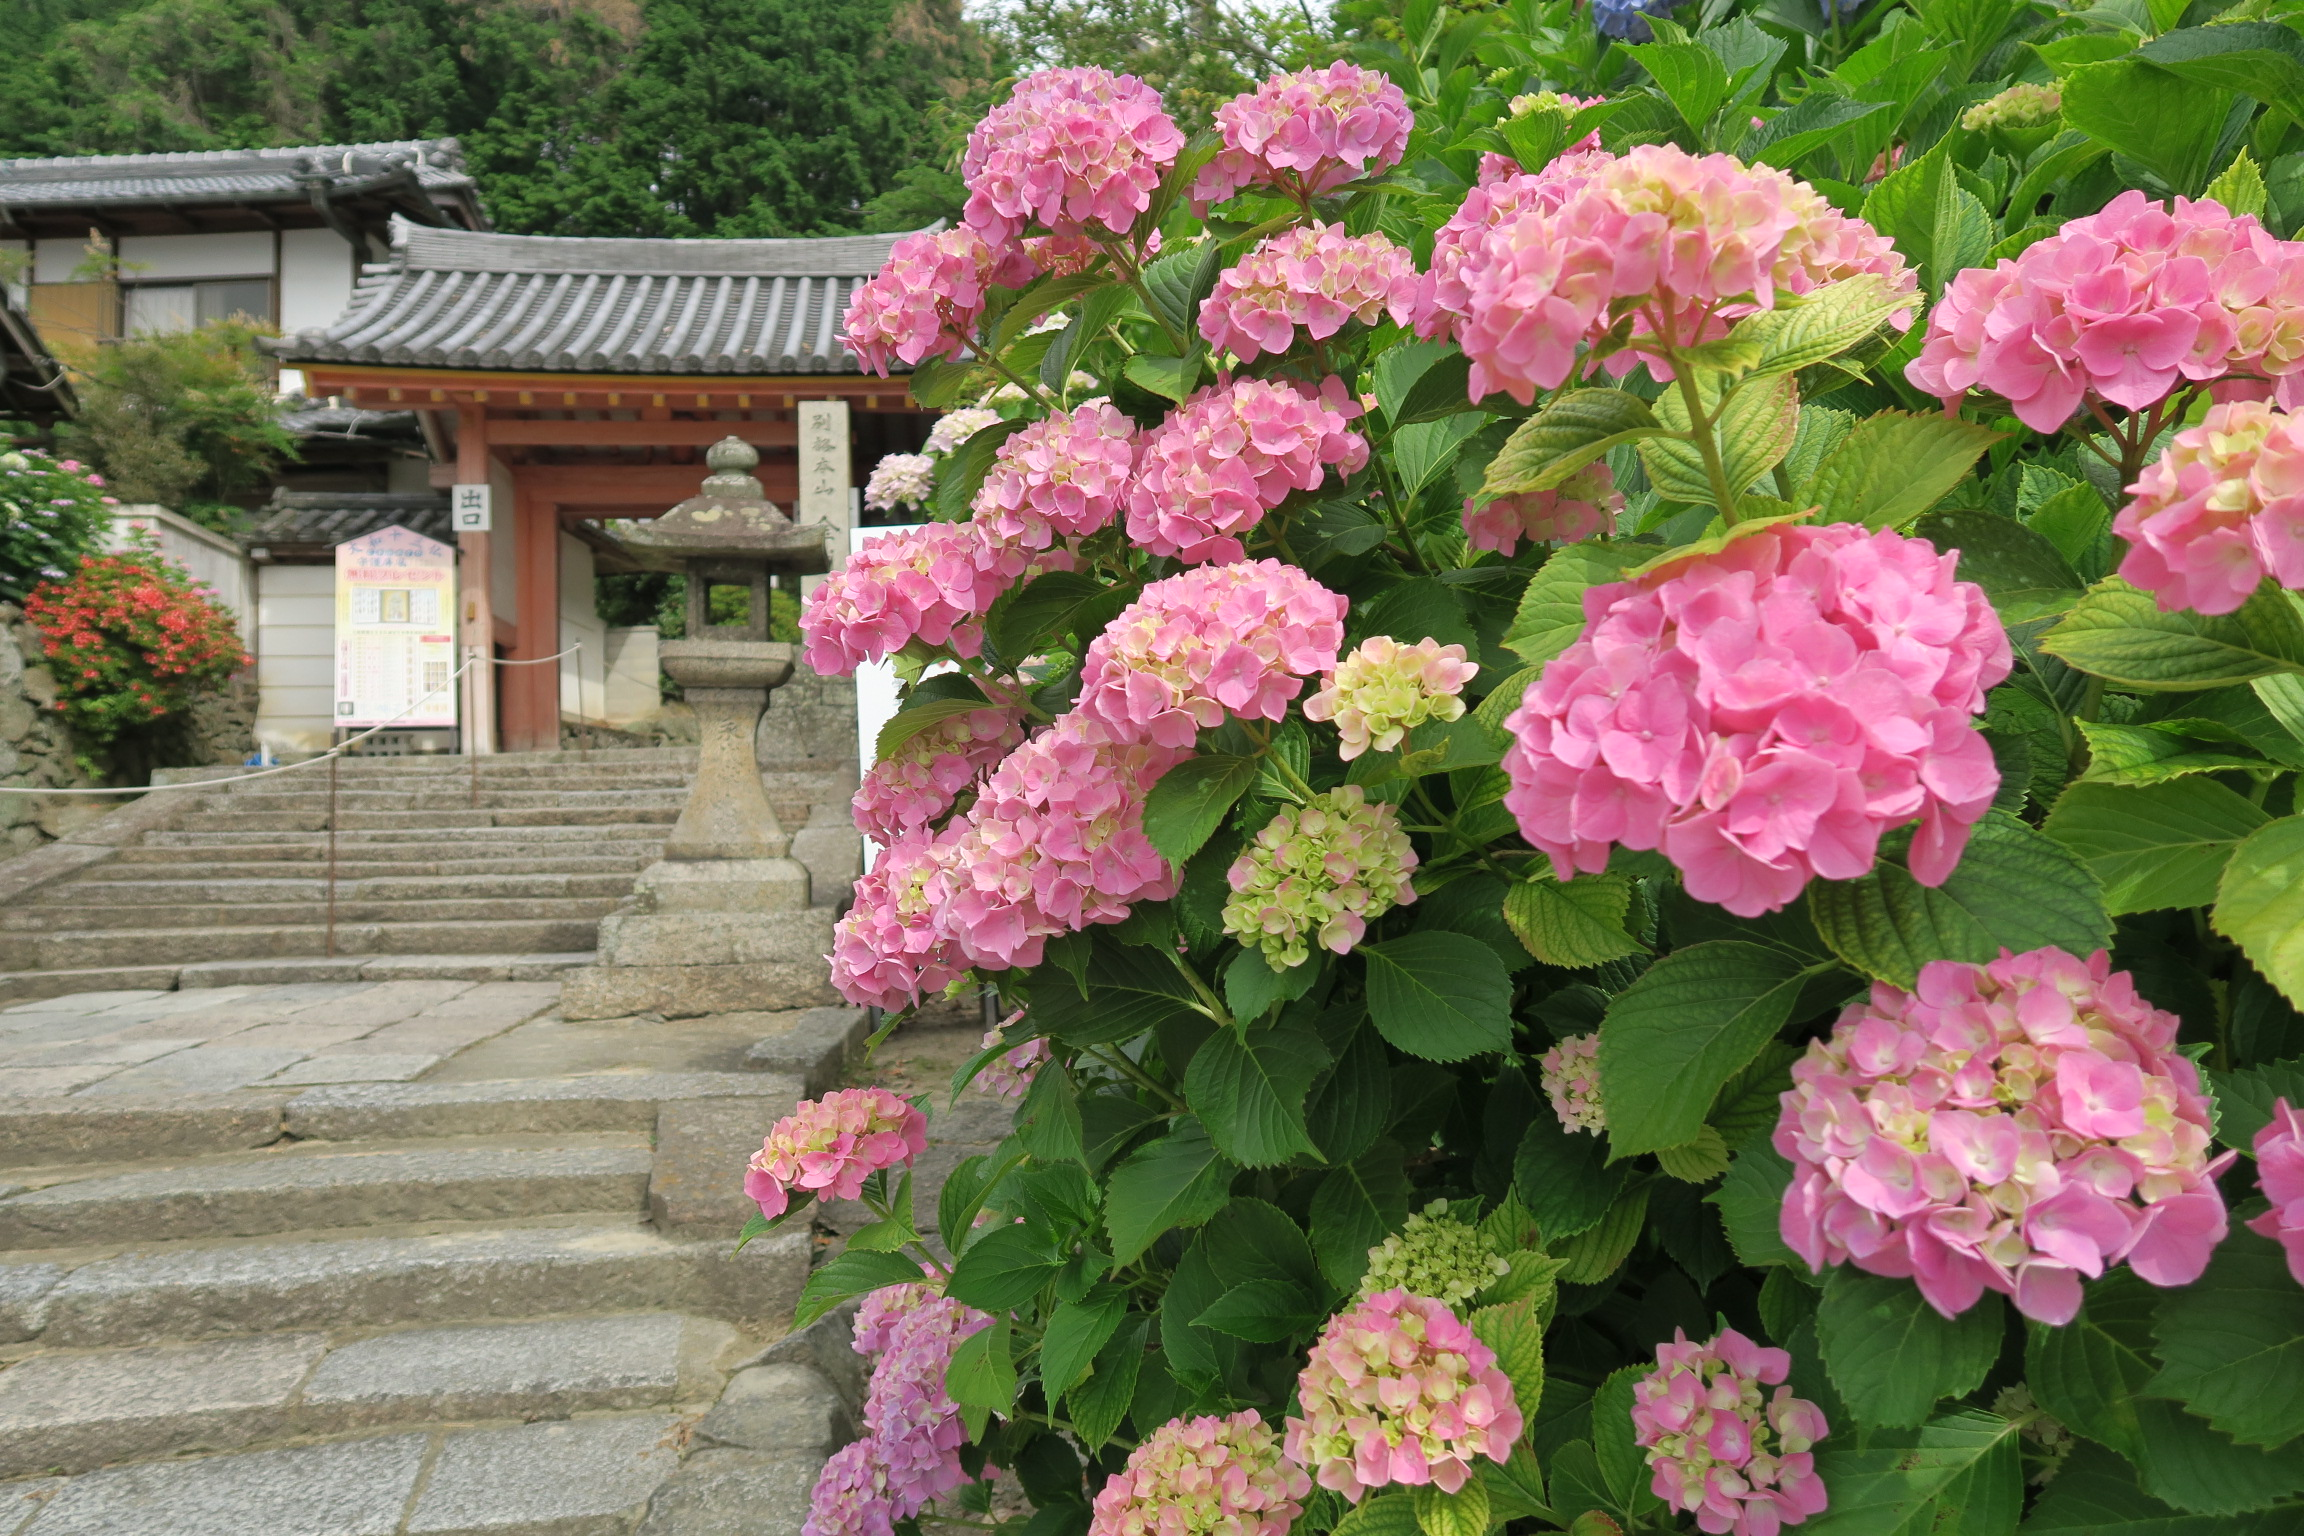 矢田寺の門前の紫陽花はいい感じに色付いていました。